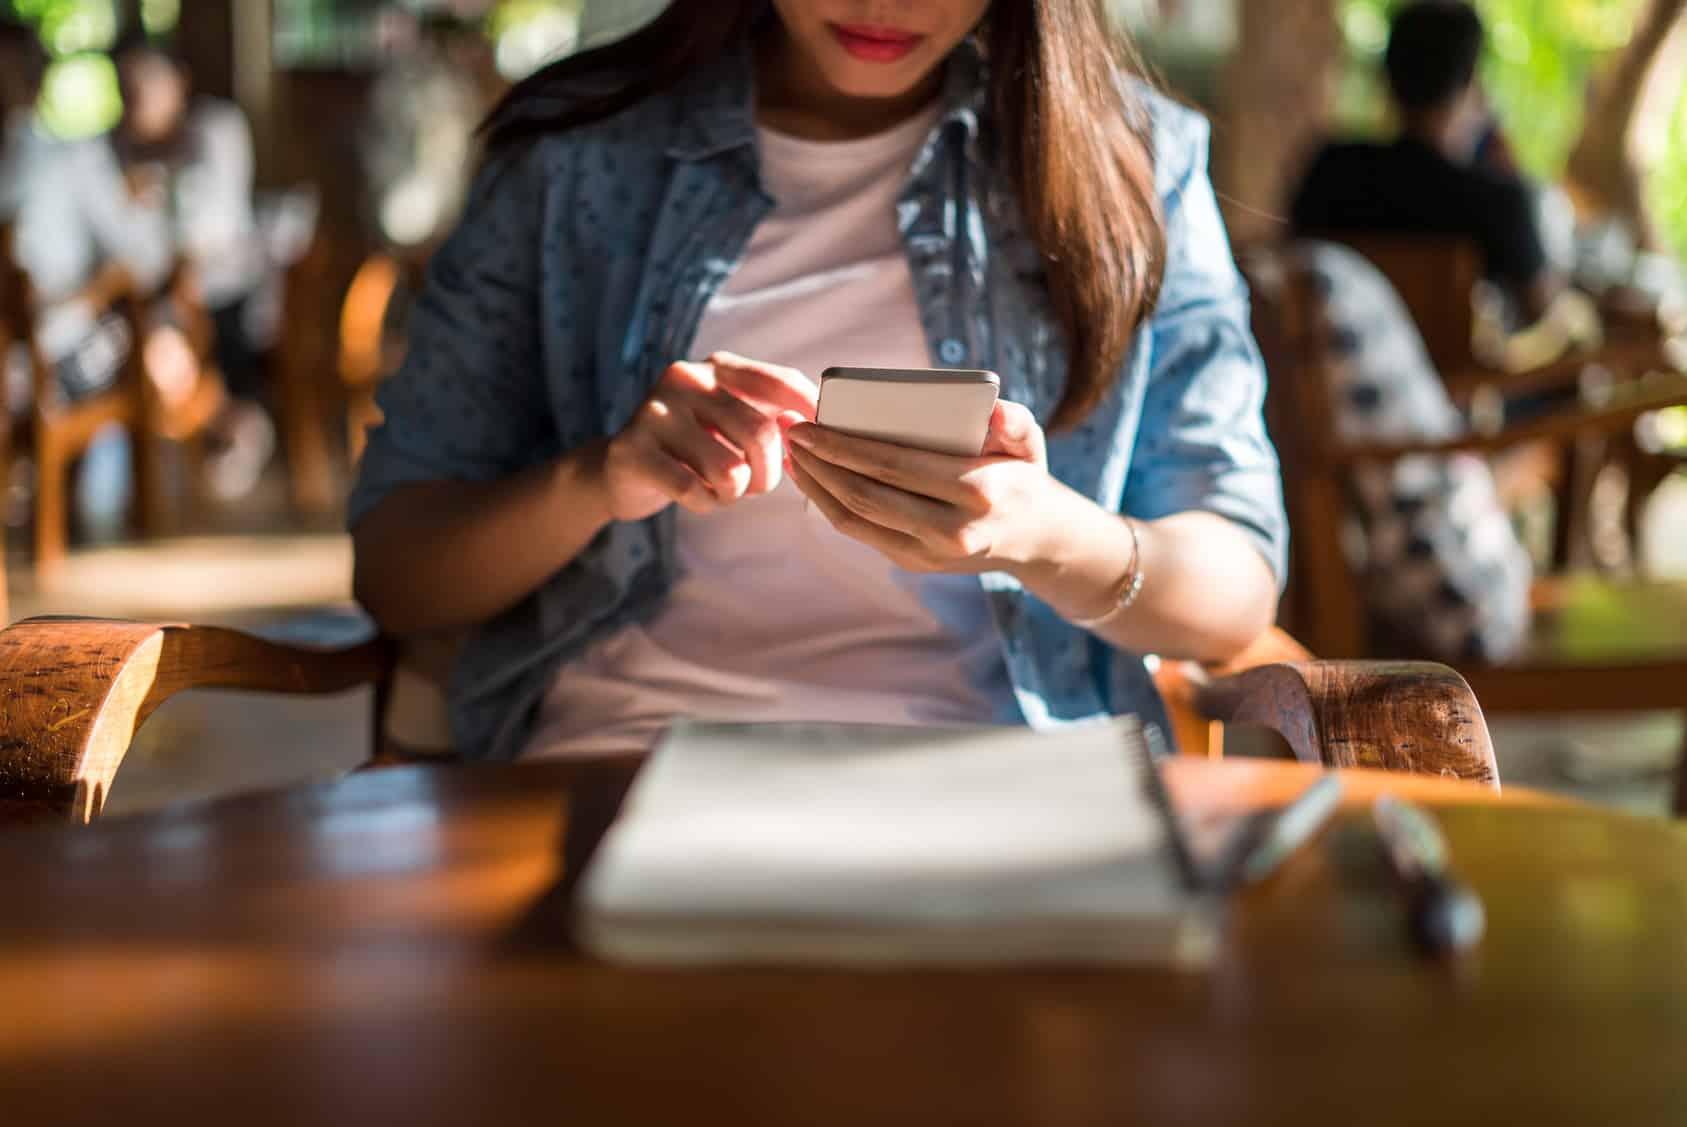 En México, los usuarios ya podrán conocer qué tanta velocidad ofrecen las compañías en datos, así como el porcentaje dellamadas que fallano demensajes que llegan con retraso.